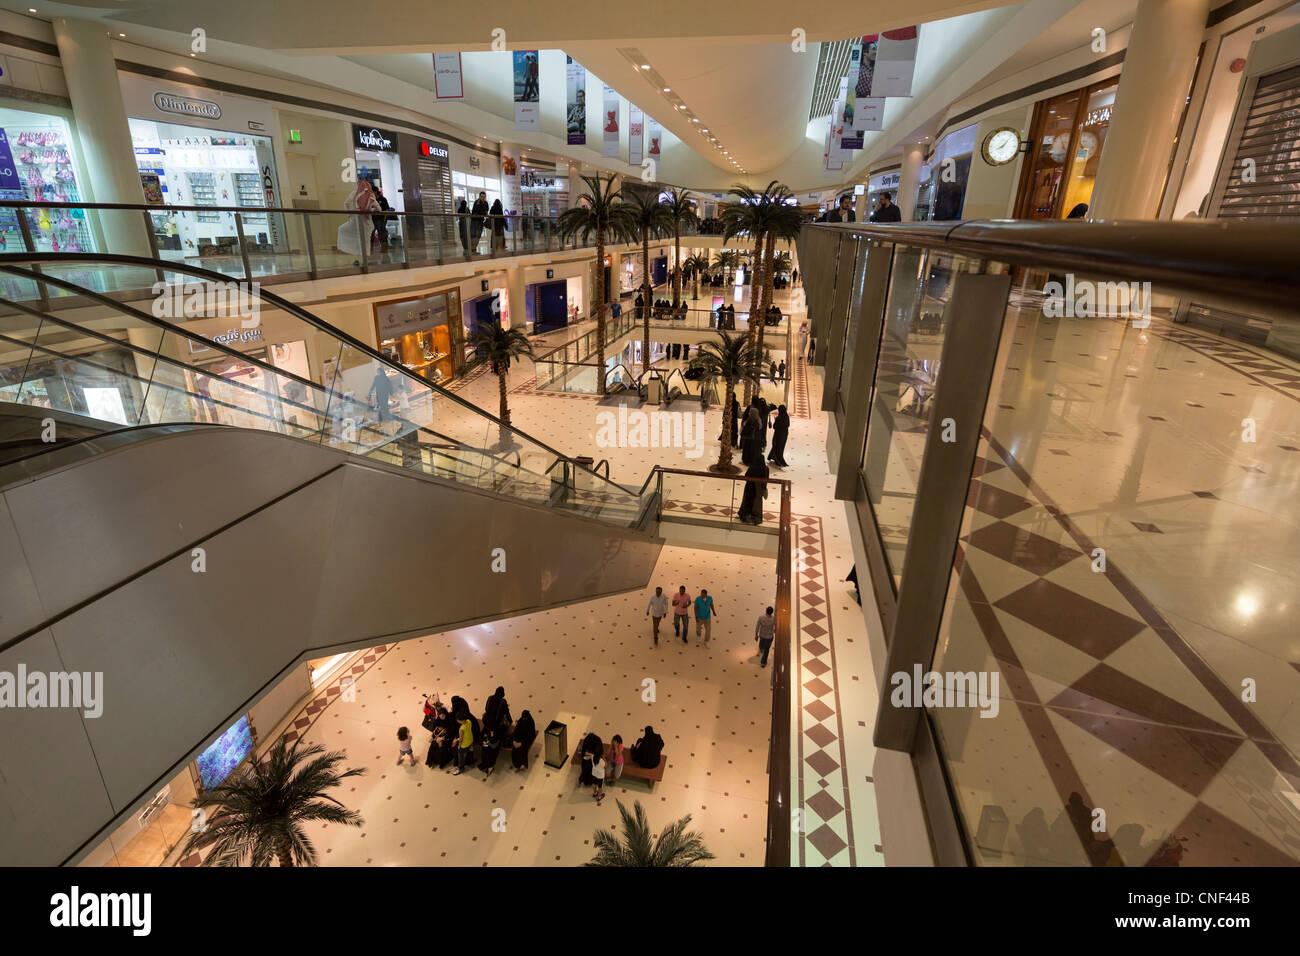 Saudi Arabia Women Stock Photos & Saudi Arabia Women Stock